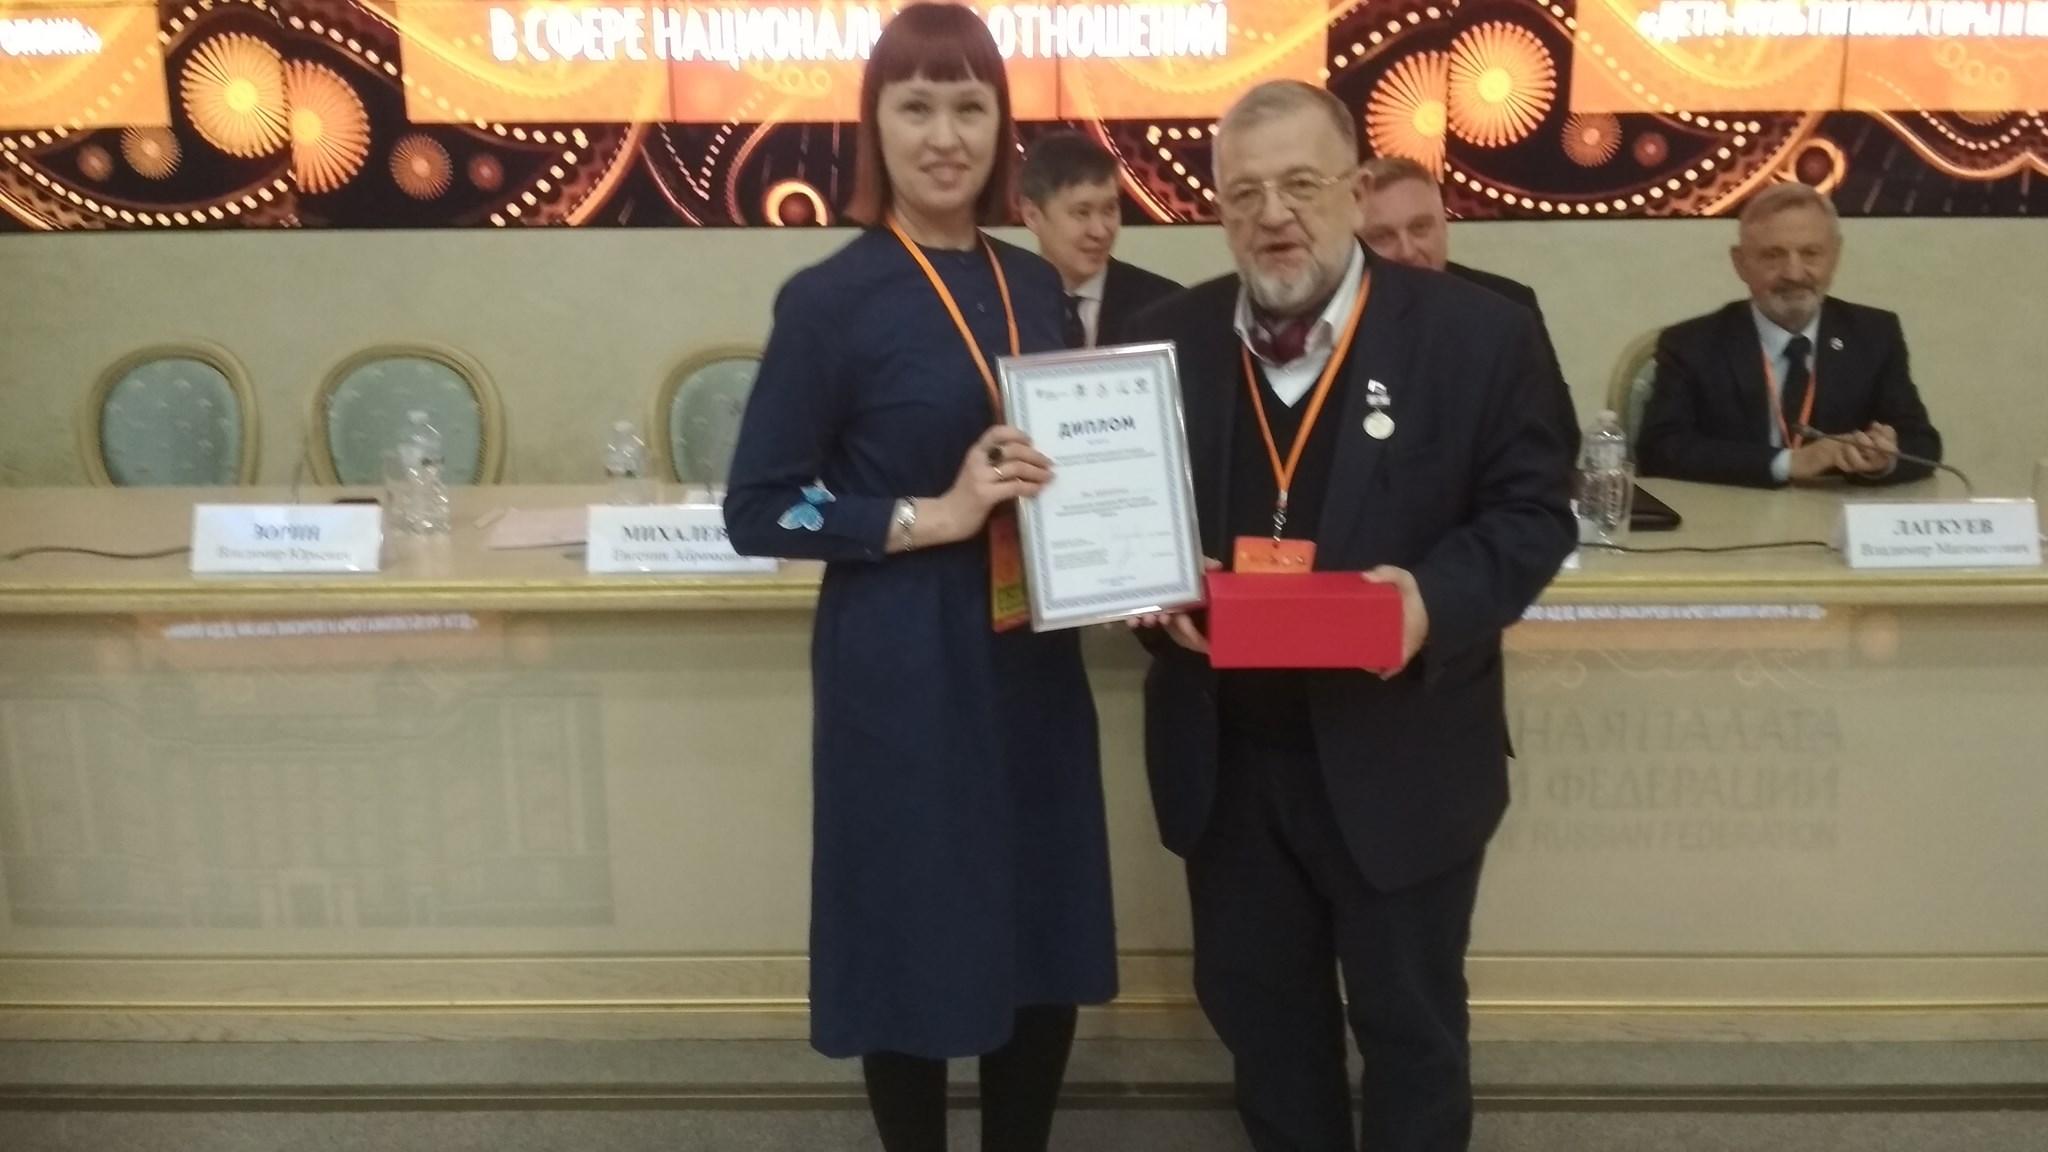 Руководитель воронежского отделения ГМЖ Мария Андреева и председатель комиссии ОП РФ Владимир Зорин